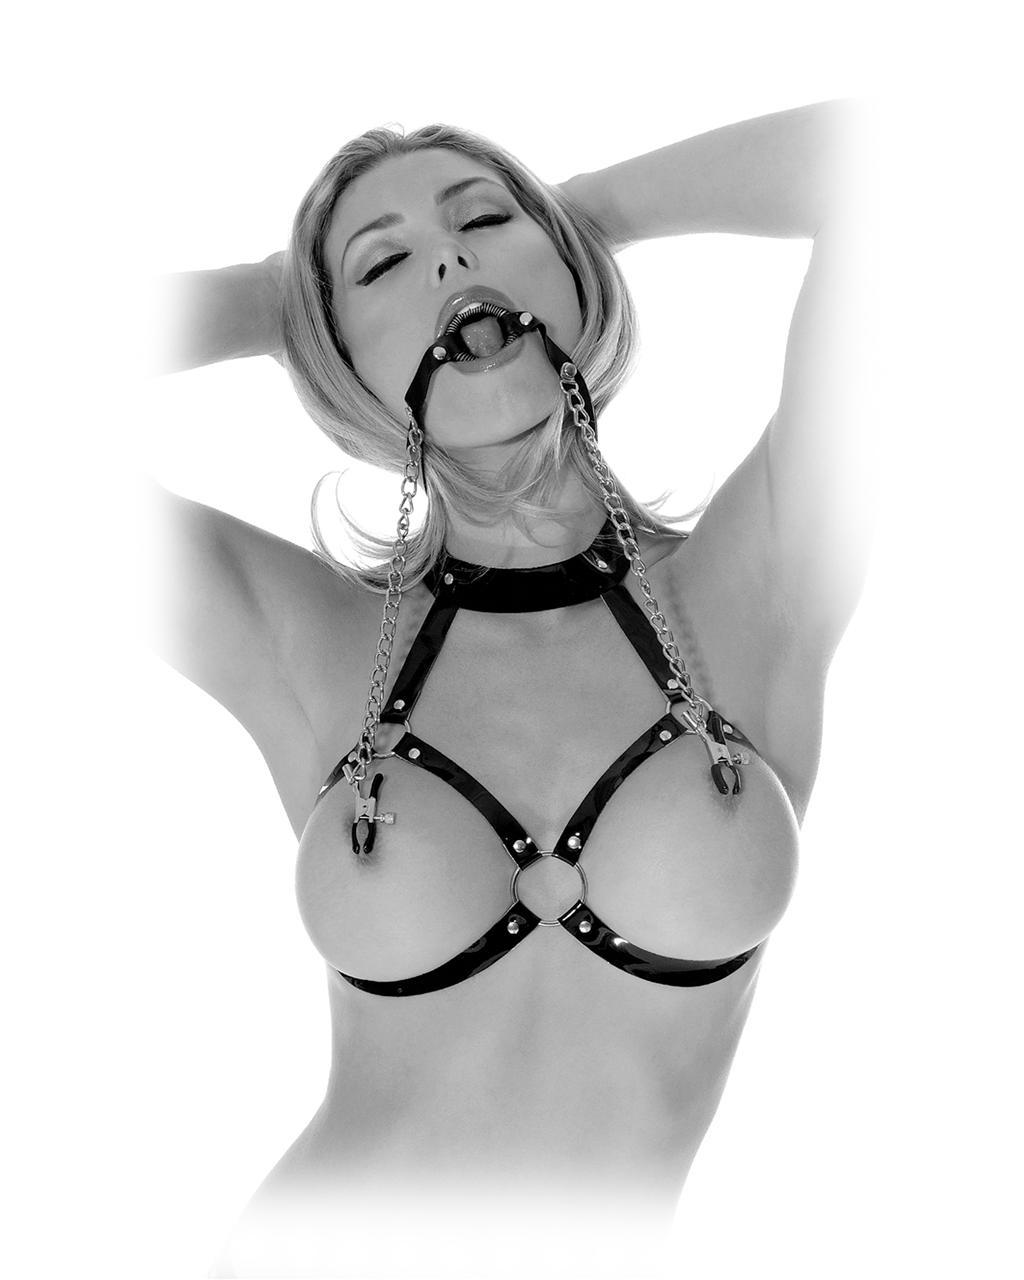 Кольцо-расширитель для рта с цепочками «O-Ring Gag & Nipple Clamps»